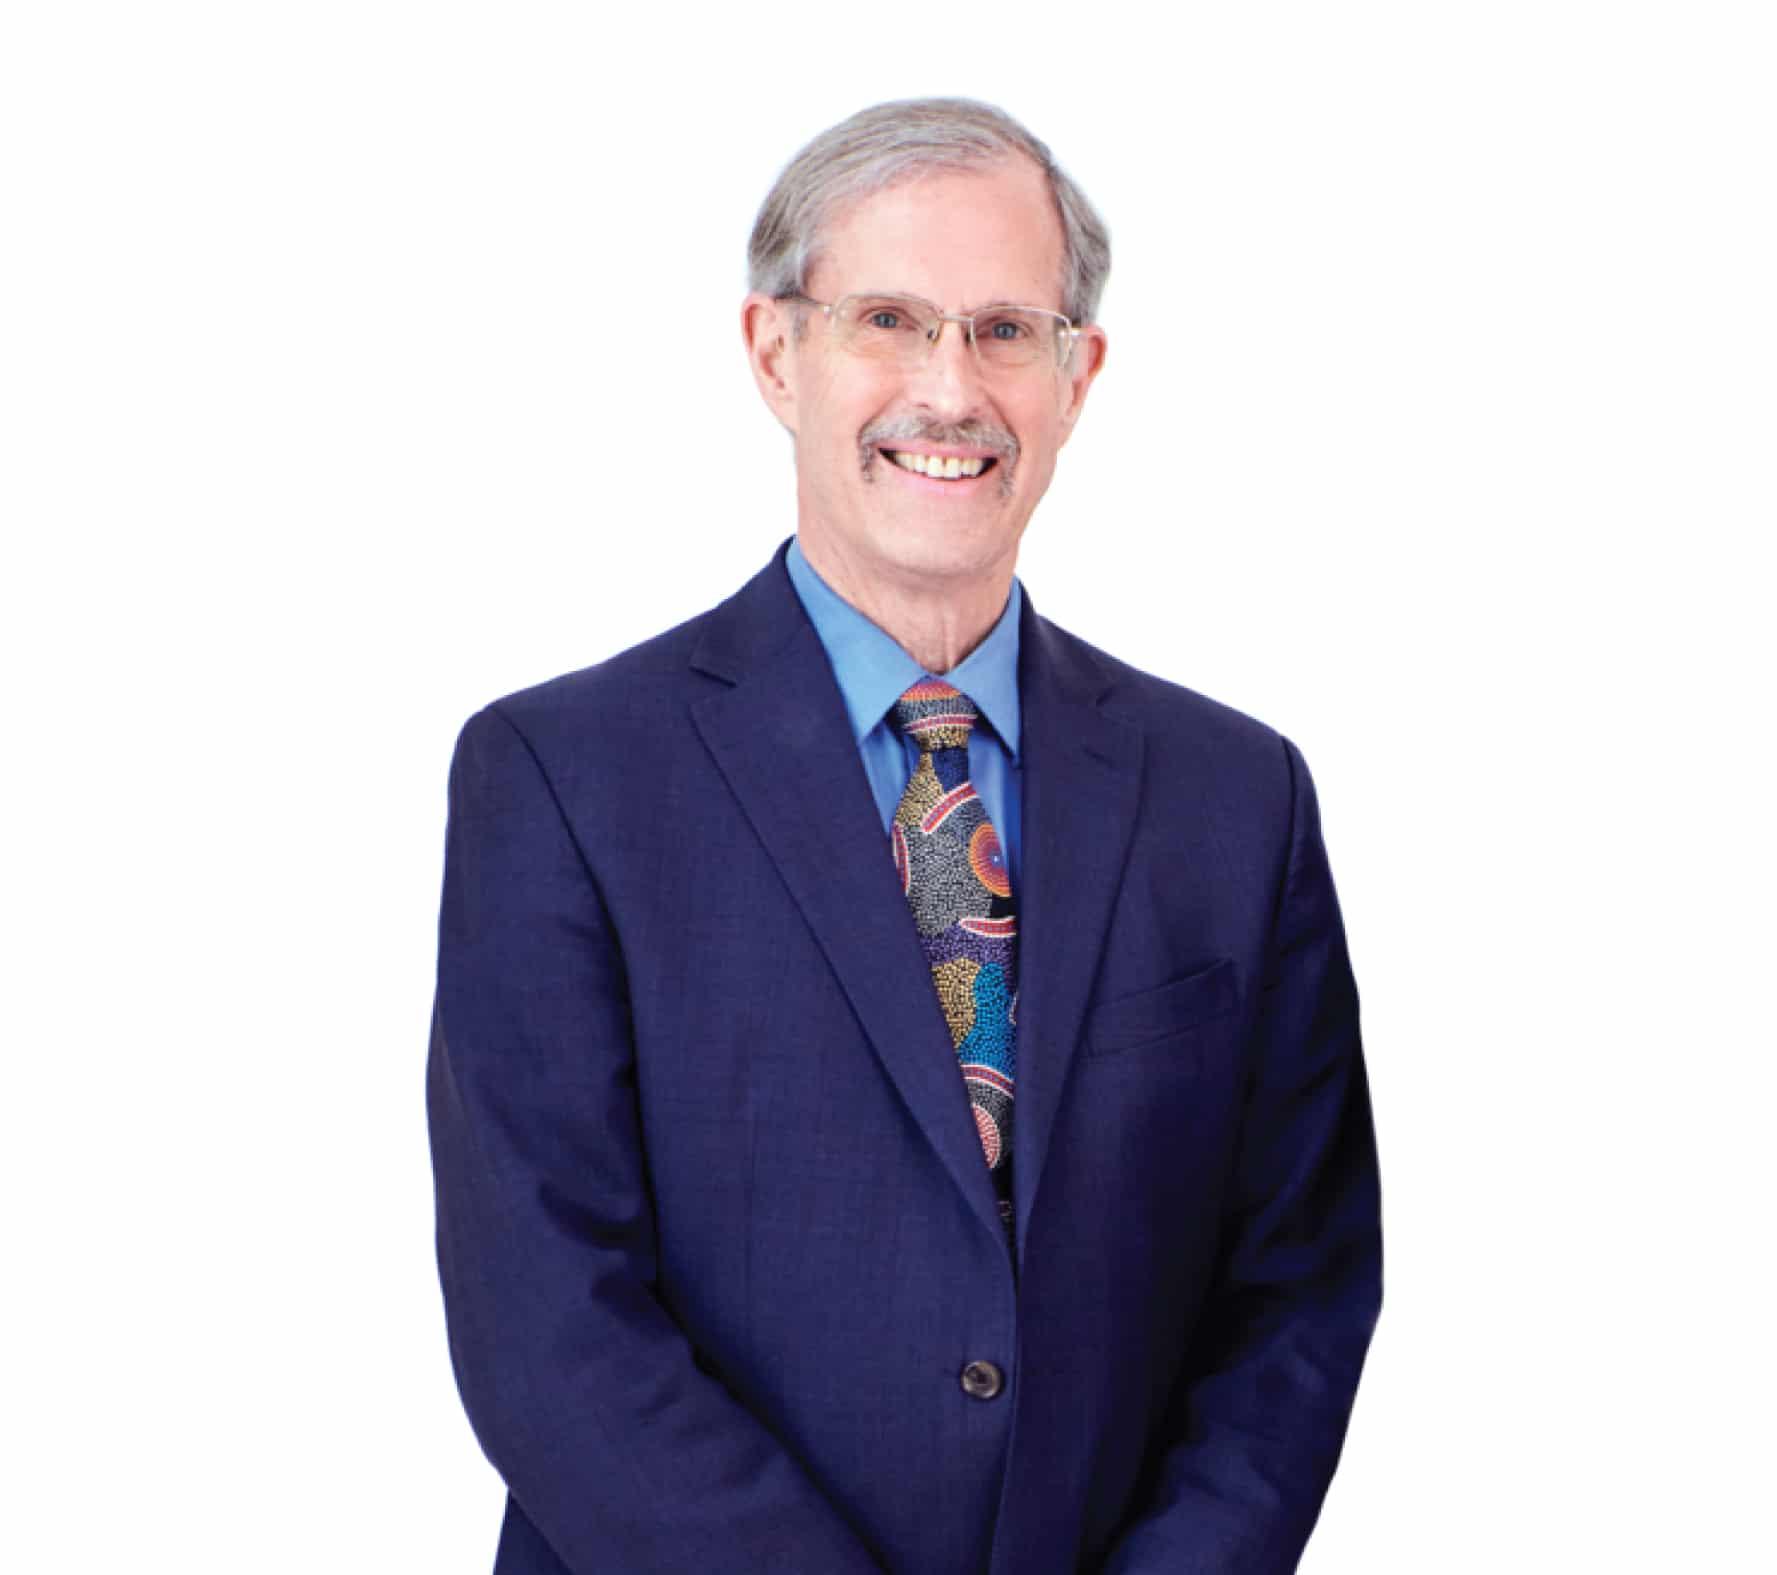 Bill Eddy